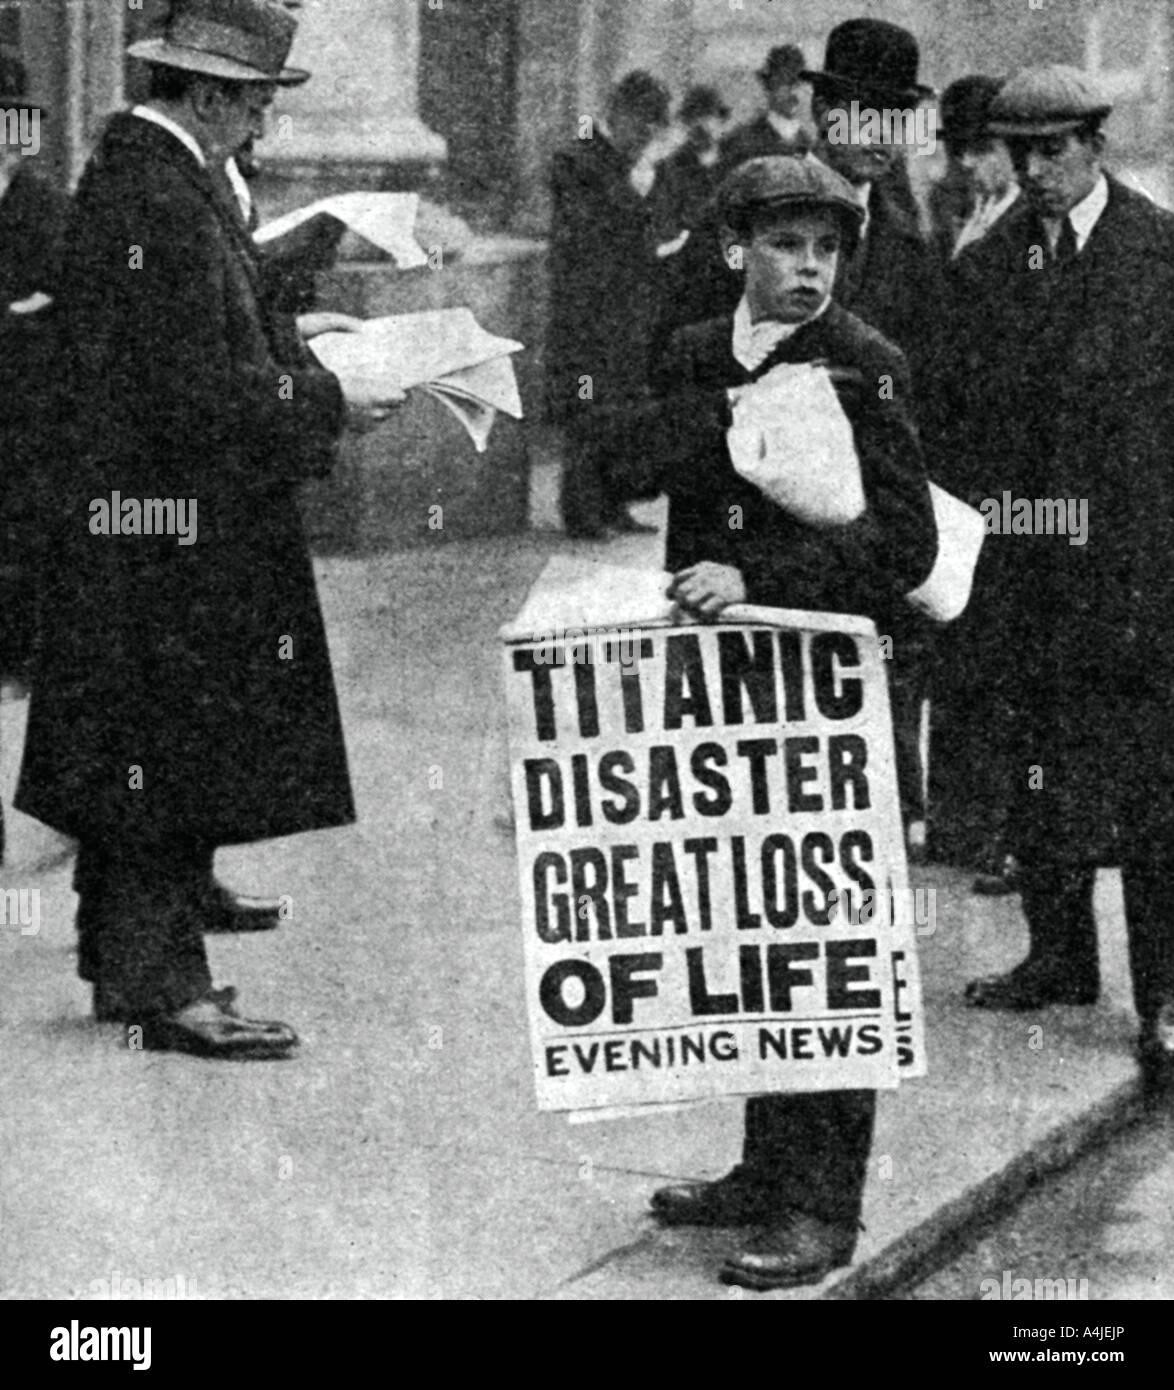 Zeitung Junge mit Nachrichten der Titanic Katastrophe, 14. April 1912. Artist: Unbekannt Stockfoto